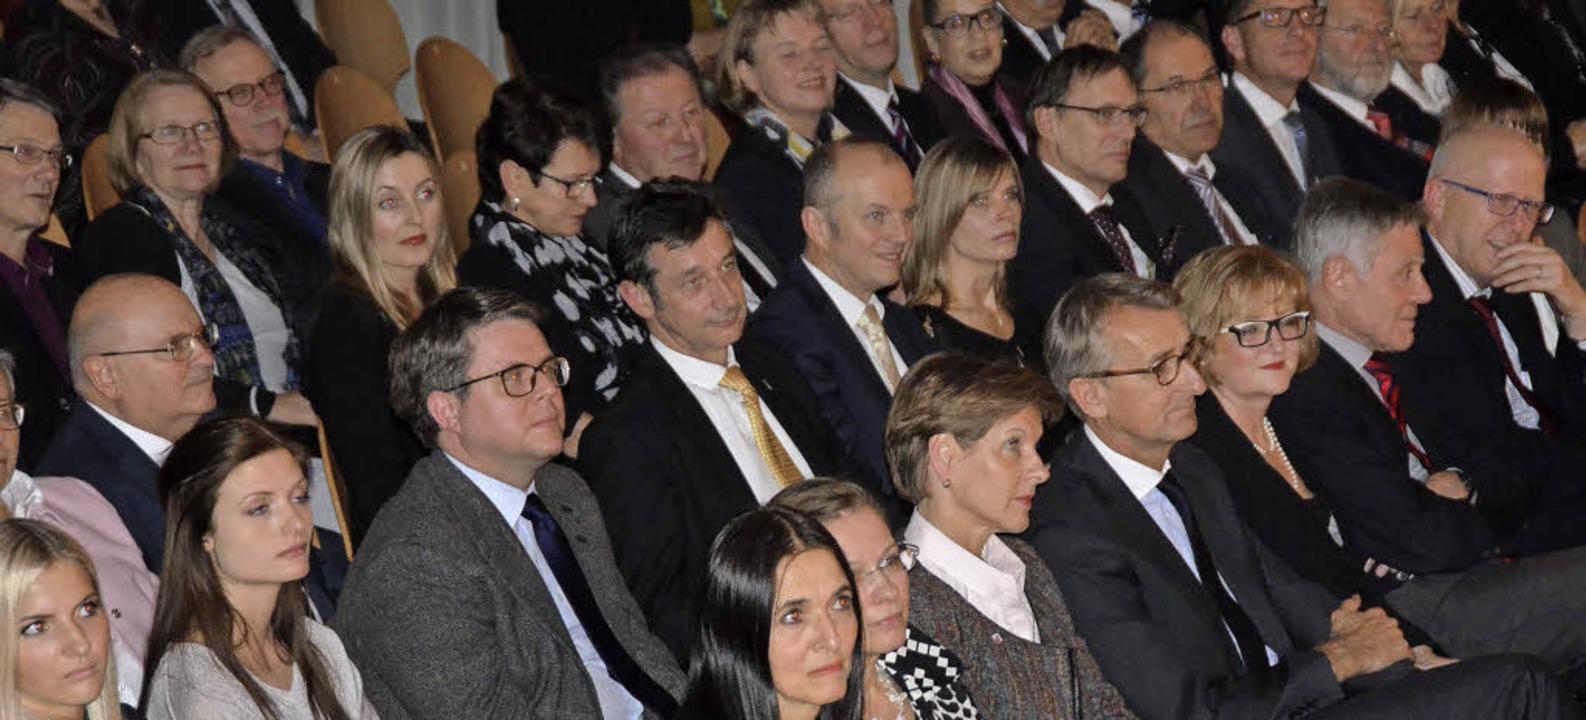 Gut 500 Gäste nahmen am gemeinsamen Ne... Vertreter aus Politik und Wirtschaft.  | Foto: Ingrid Böhm-Jacob